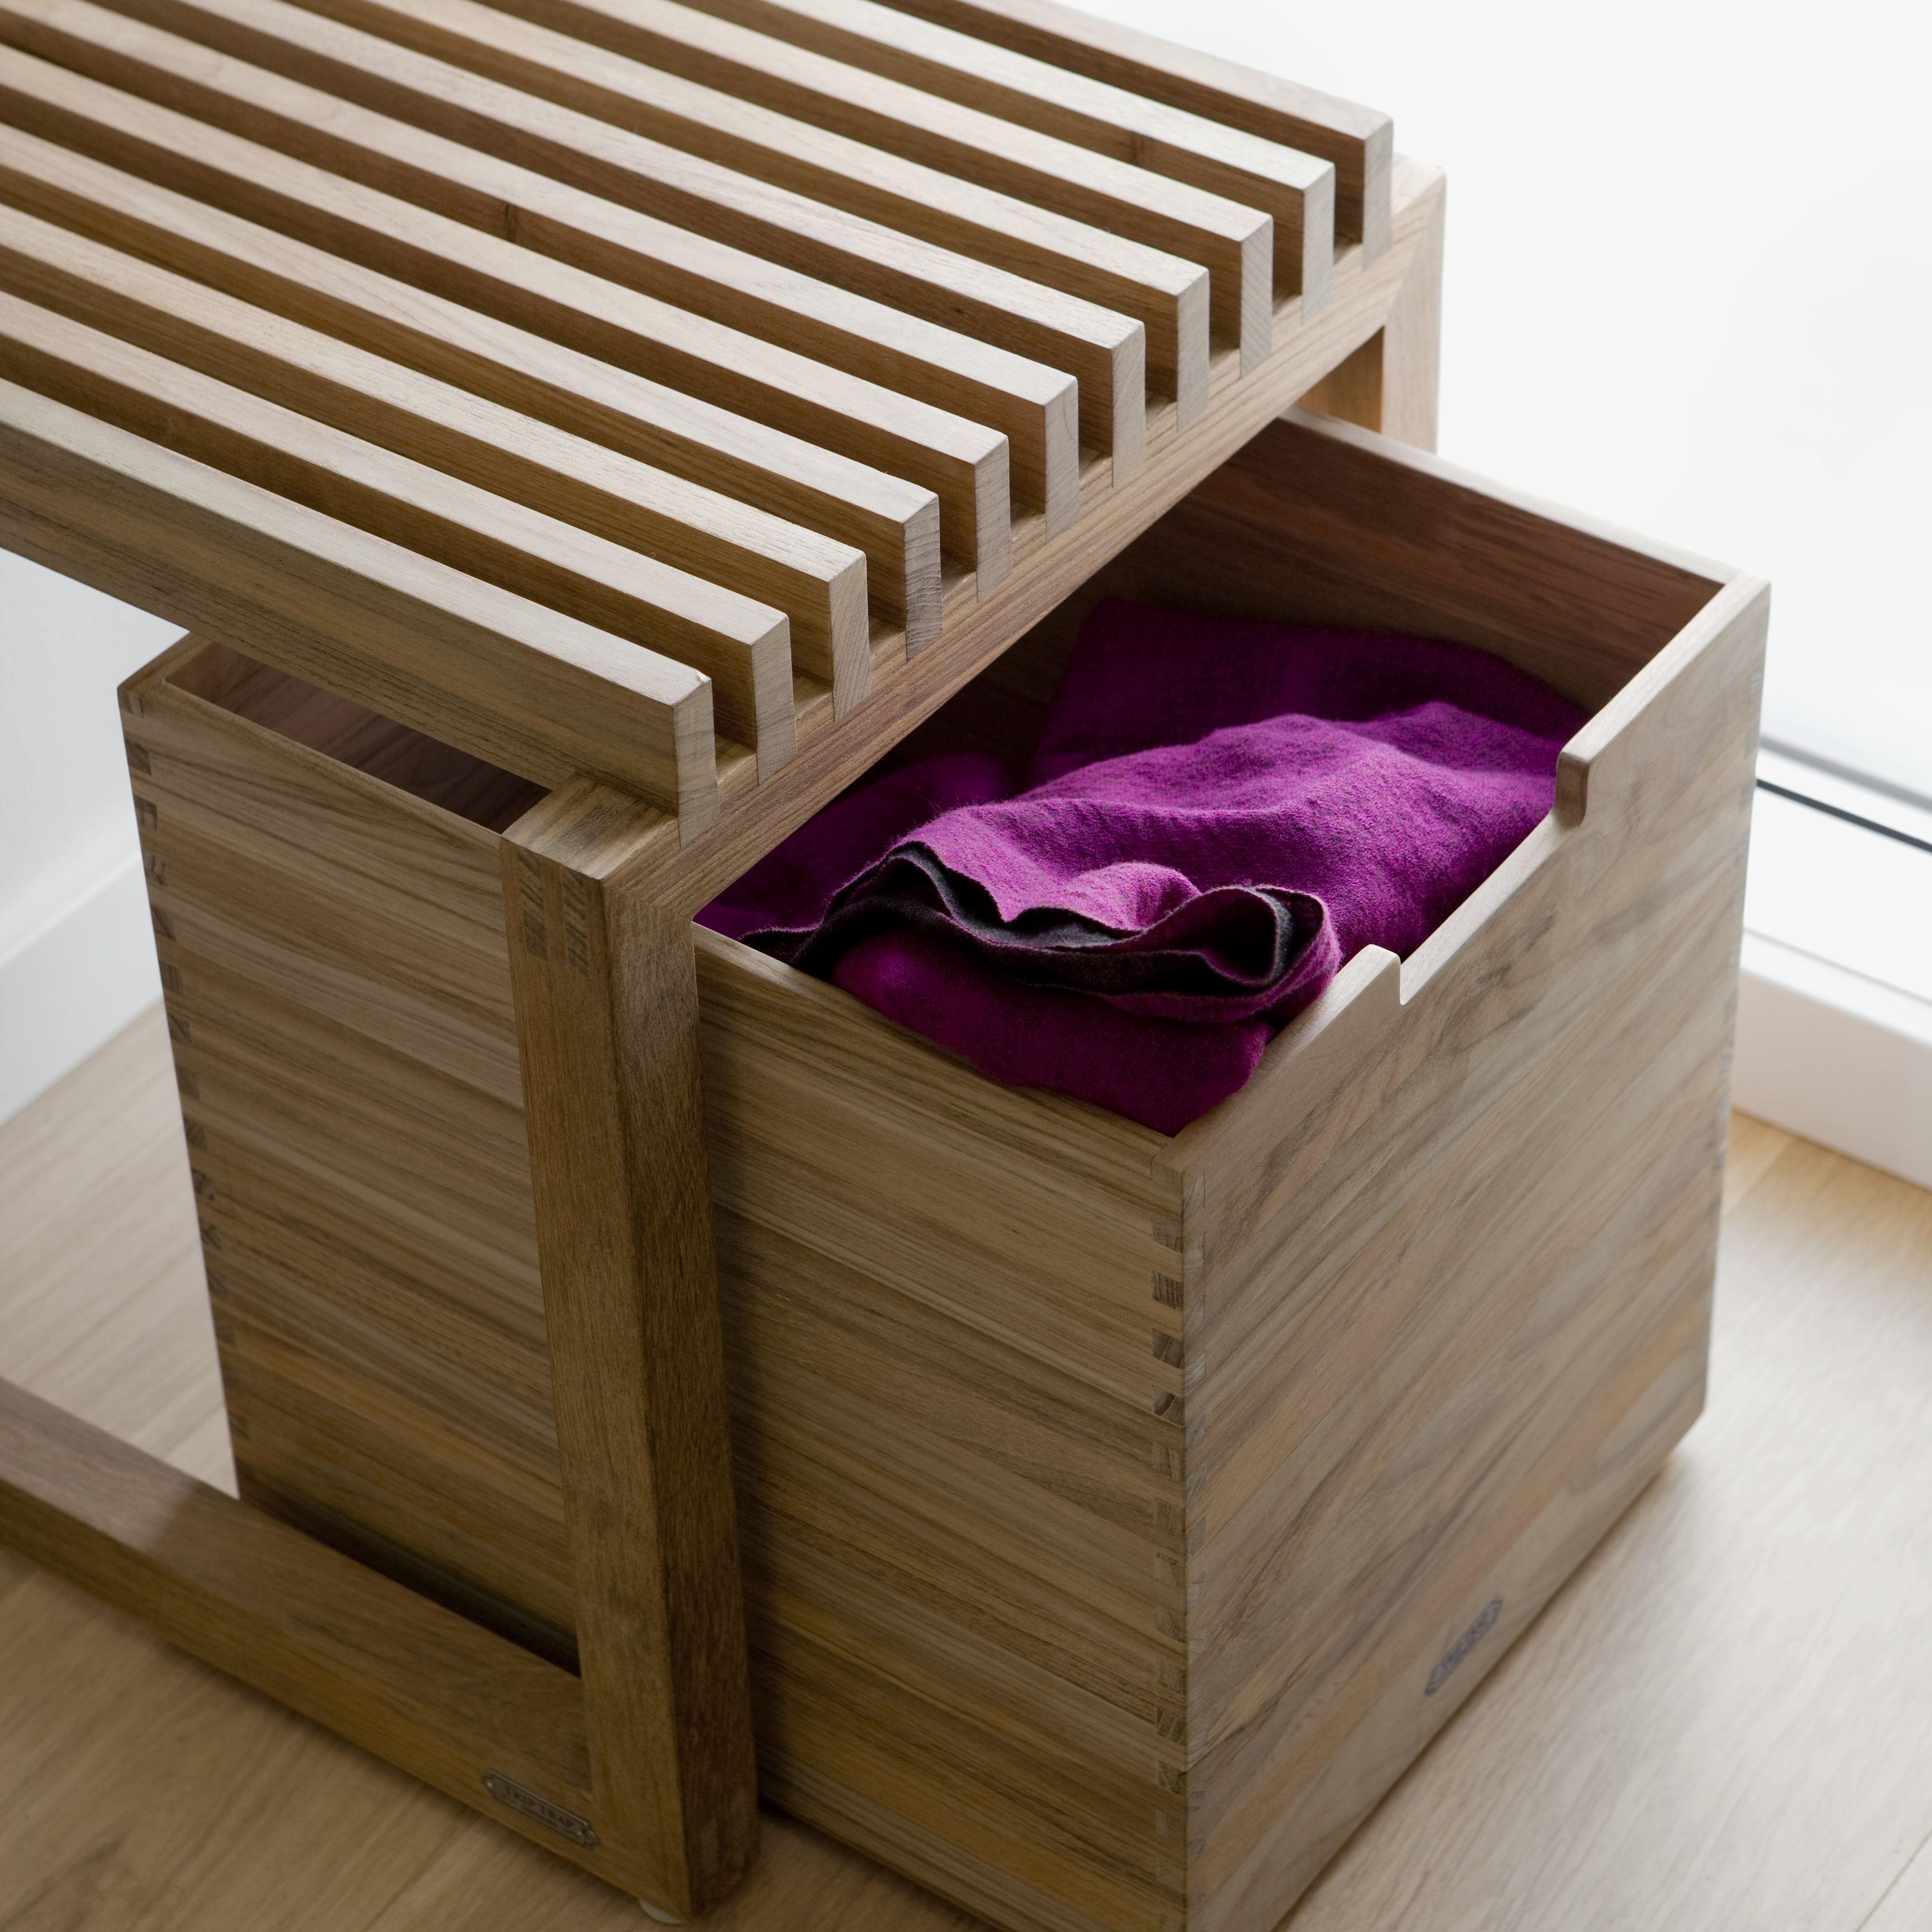 Cutter Box Von Skagerak Im Wohndesign Shop Hocker Holz Kleinmobel Holzdesign